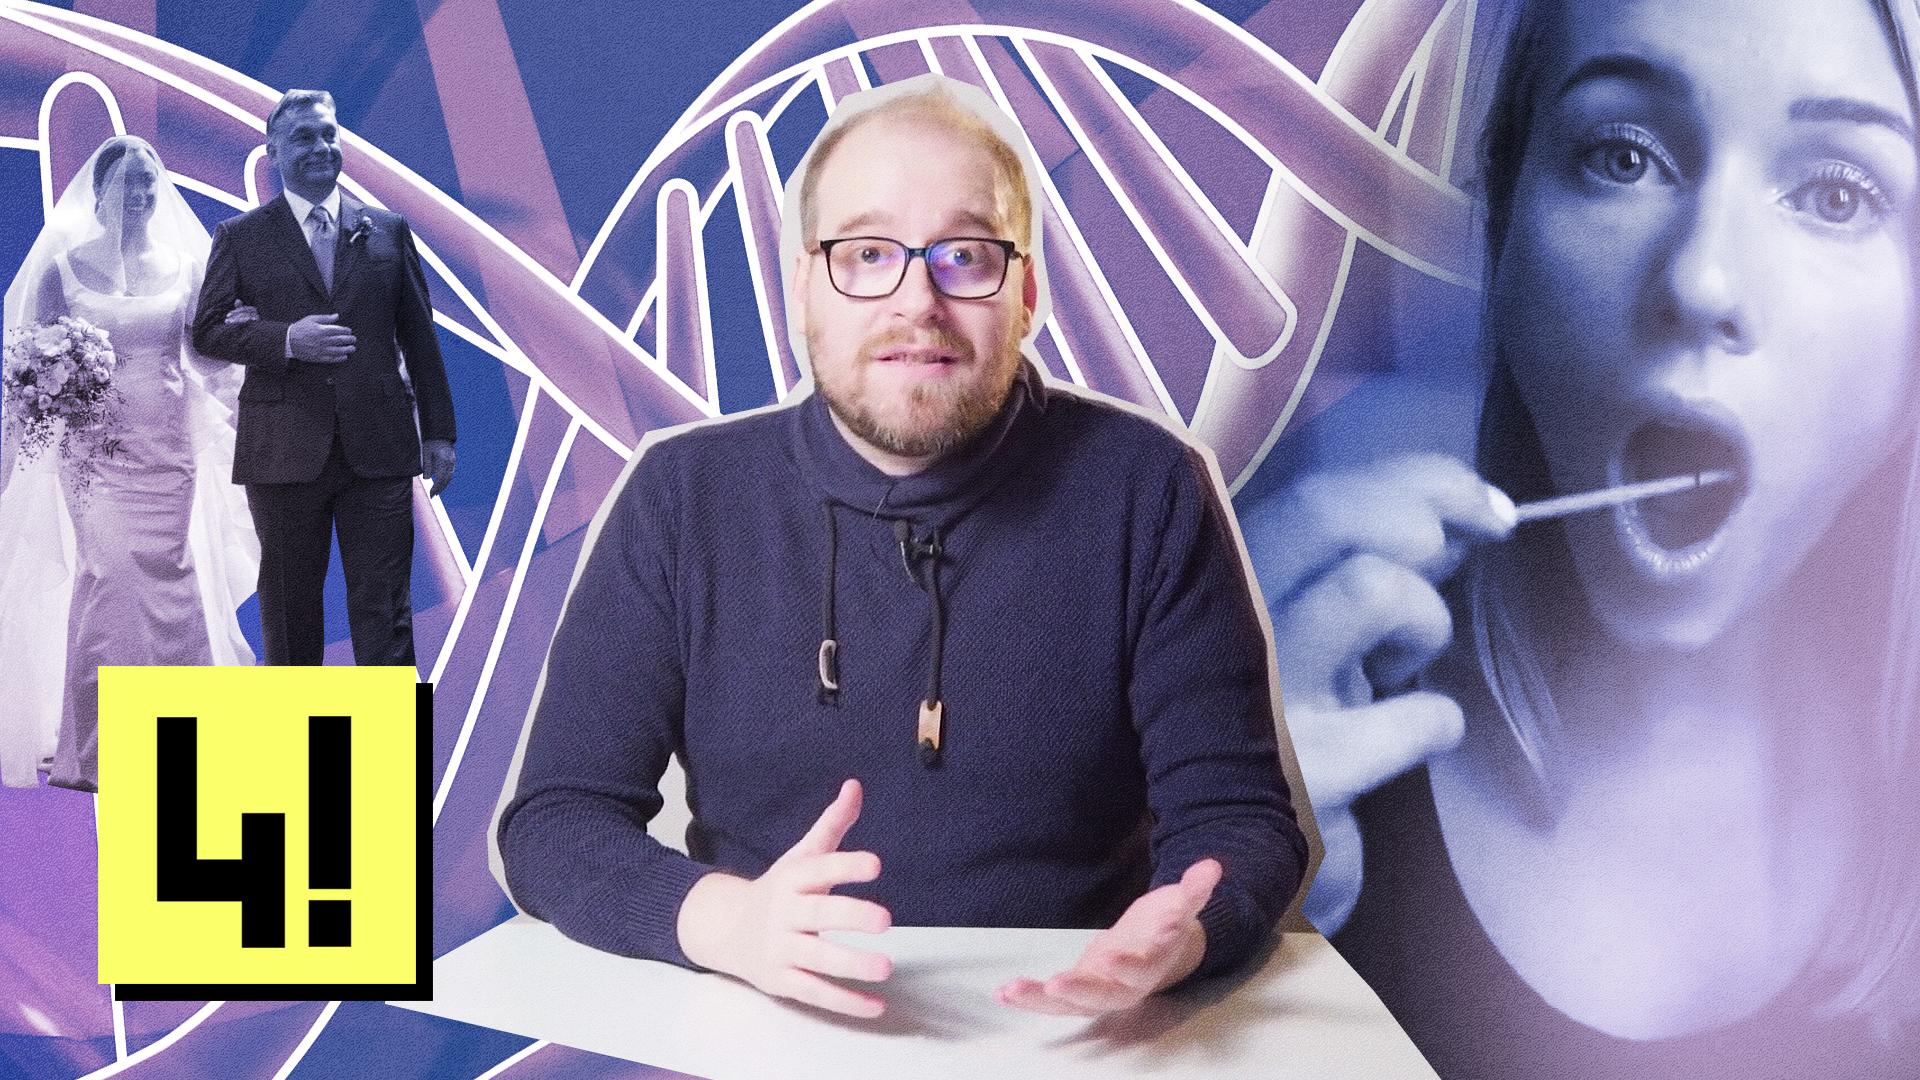 Az otthoni DNS teszt azt is megmondja rólad, amit nem is akarsz tudni magadról